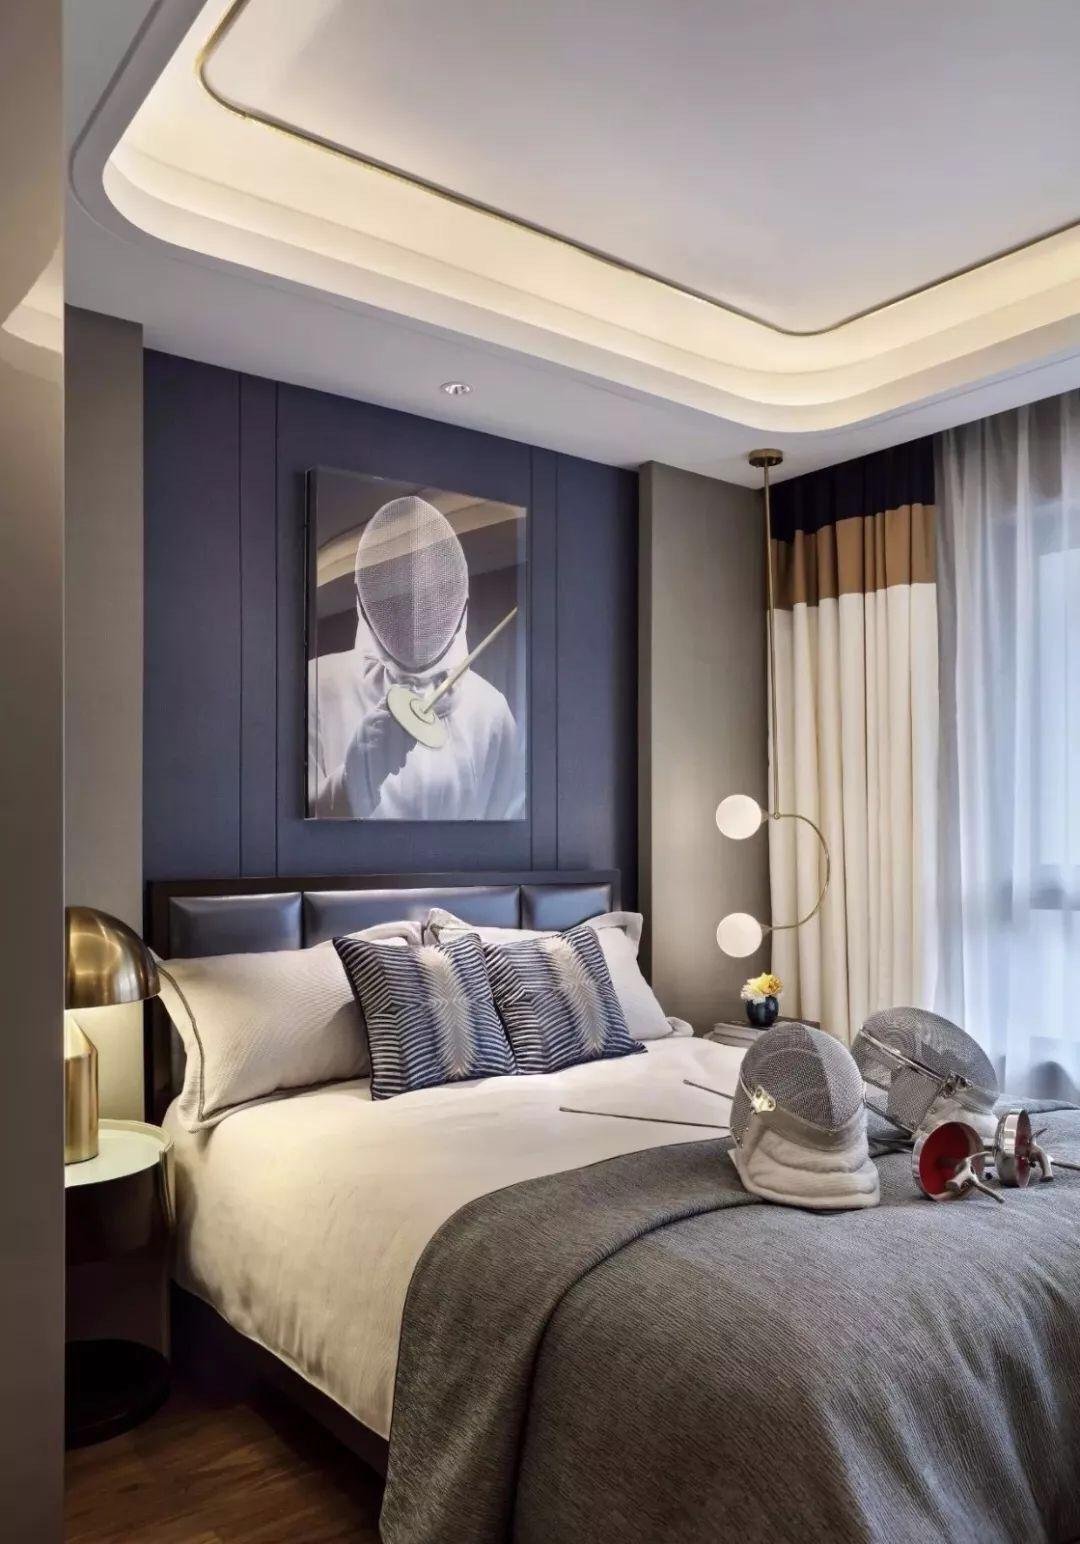 #luxurychildren'sbedrooms #luxuryboybedrooms | Luxury ... on Luxury Bedroom Ideas On A Budget  id=42765